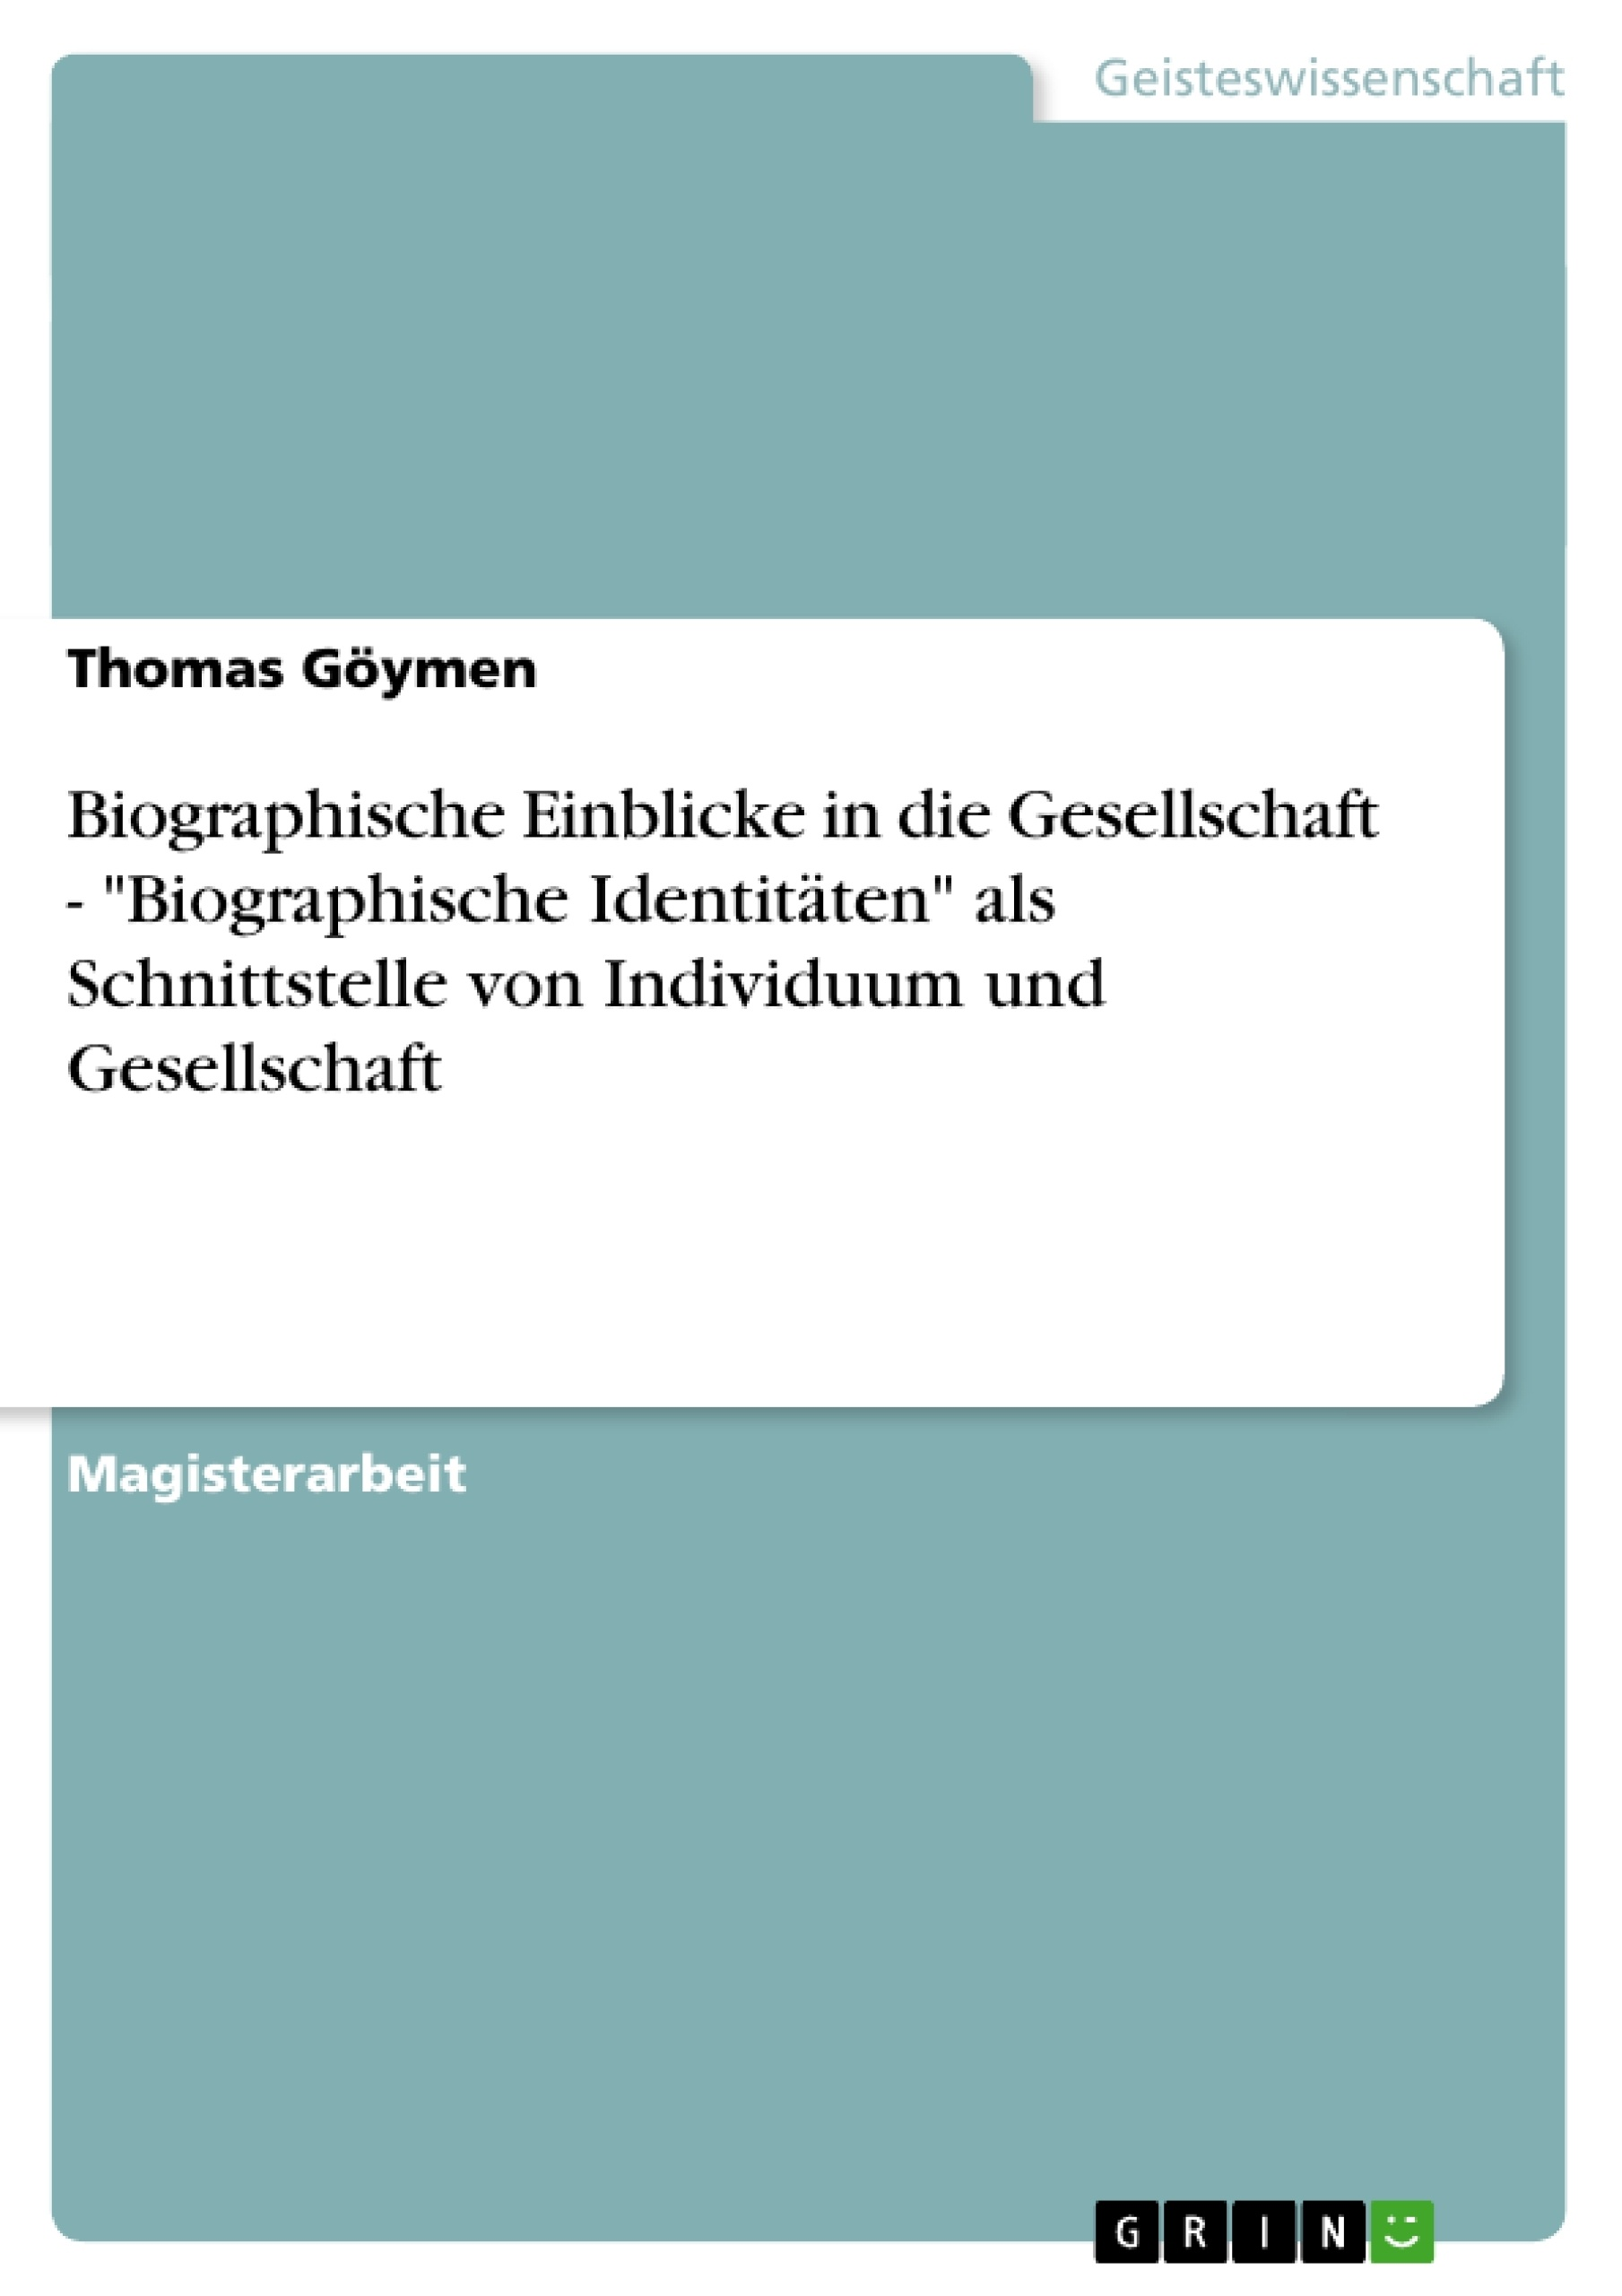 """Titel: Biographische Einblicke in die Gesellschaft - """"Biographische Identitäten"""" als Schnittstelle von Individuum und Gesellschaft"""